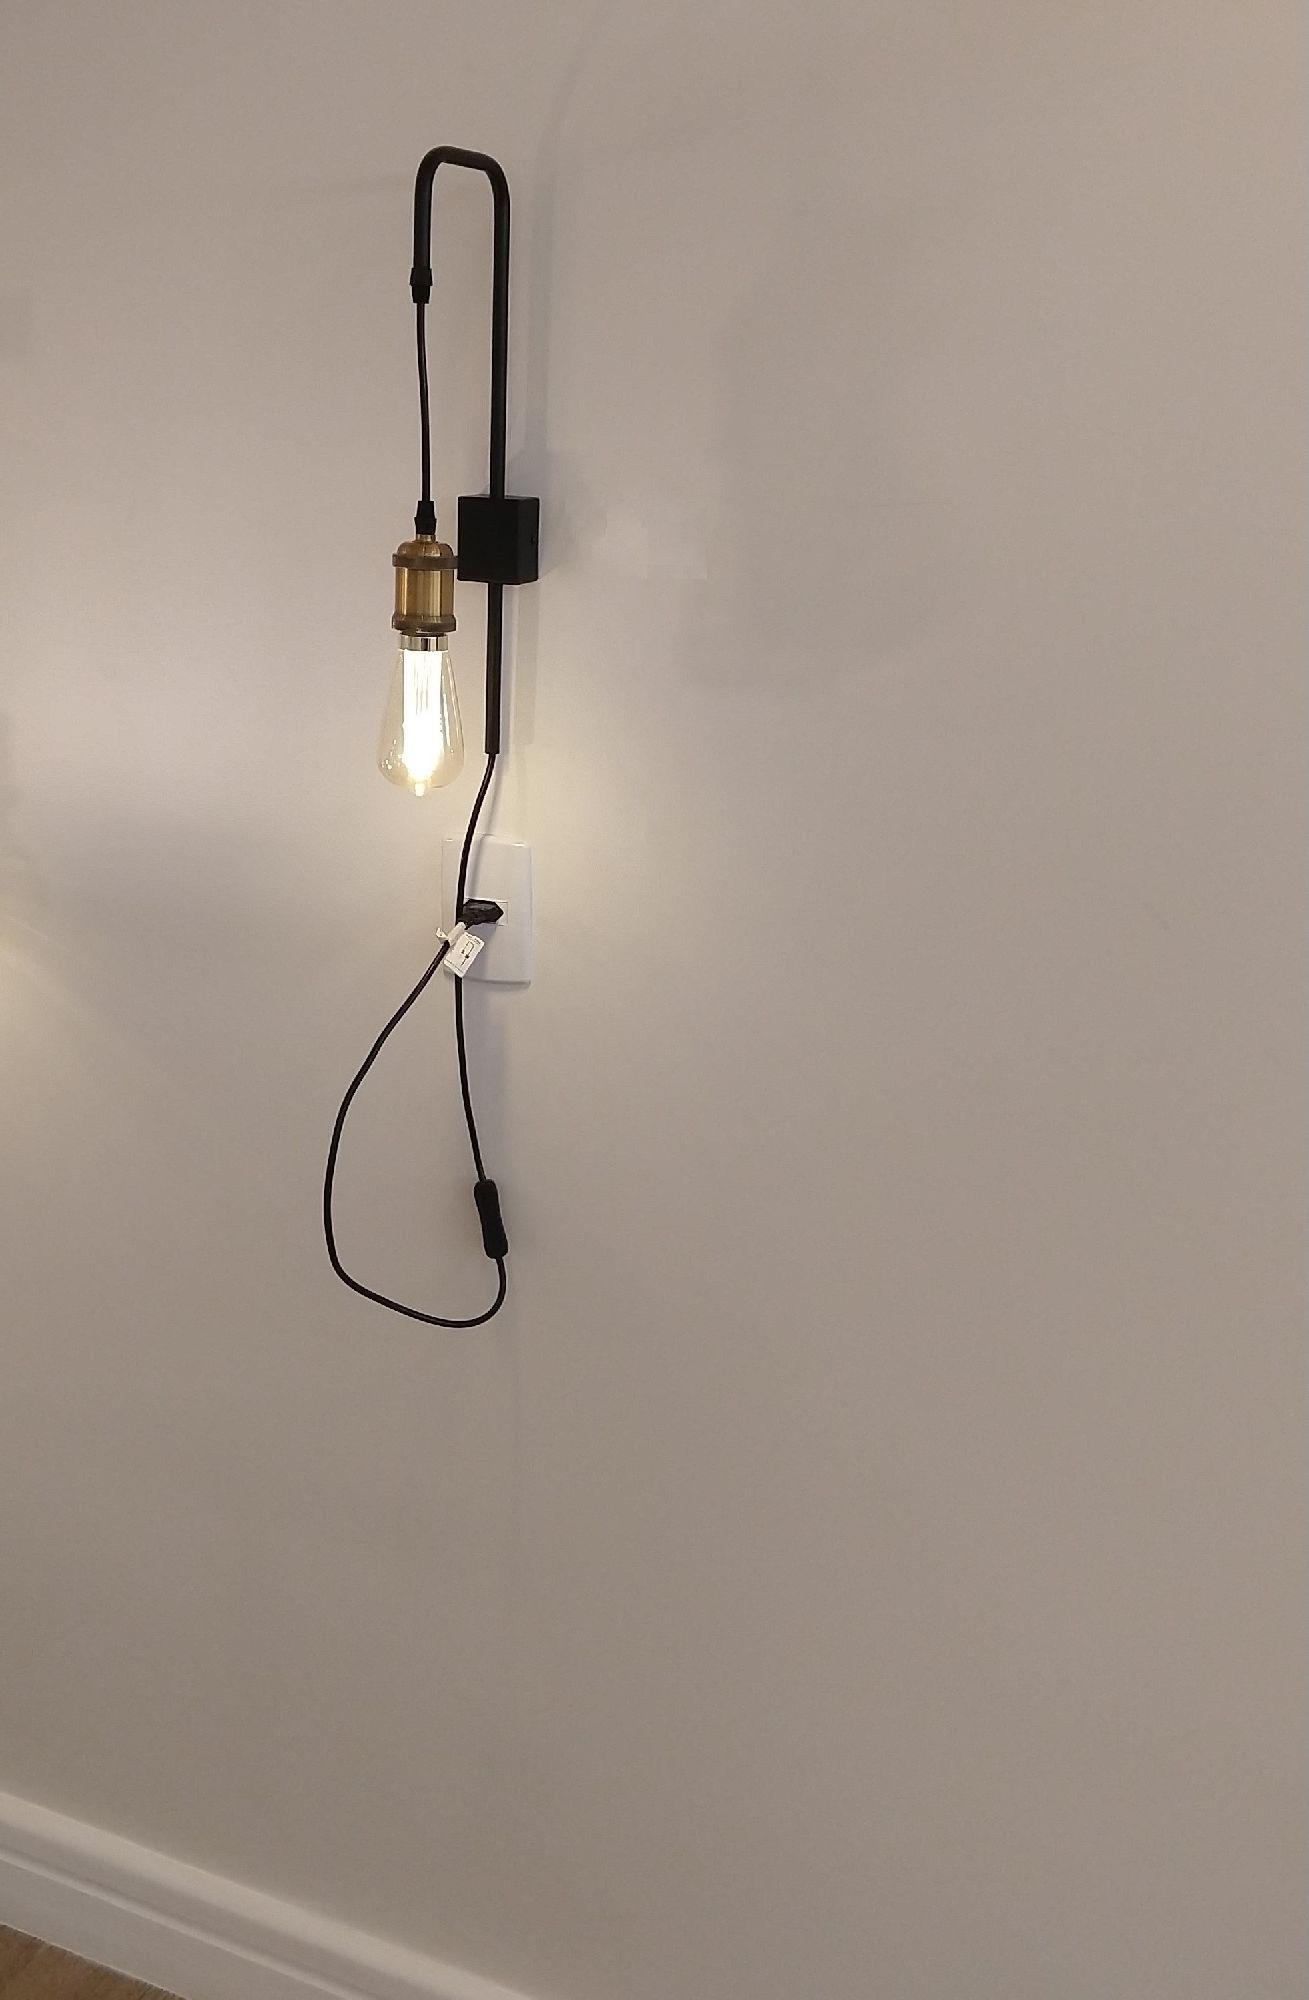 Arandela Industrial Moderna Com Chave e Led Para Quarto Painel Cabeceira Cama